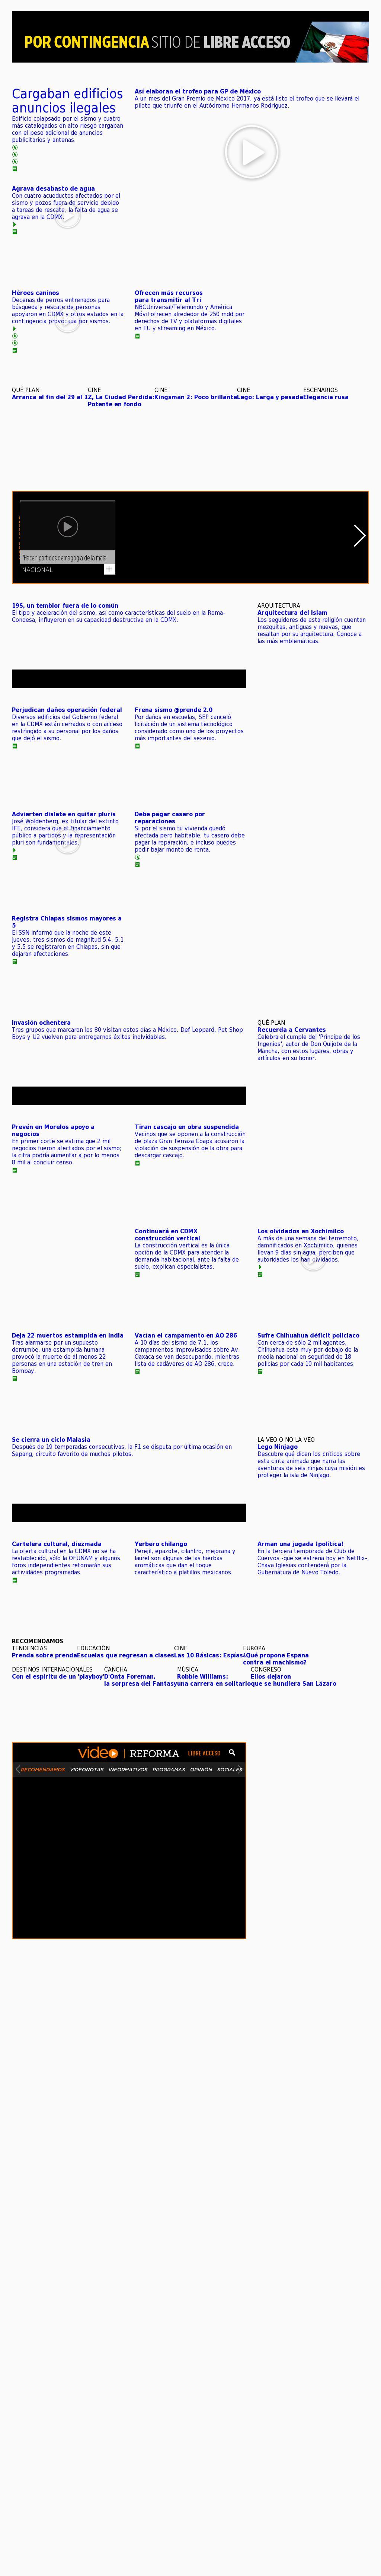 Reforma.com at Friday Sept. 29, 2017, 11:13 a.m. UTC